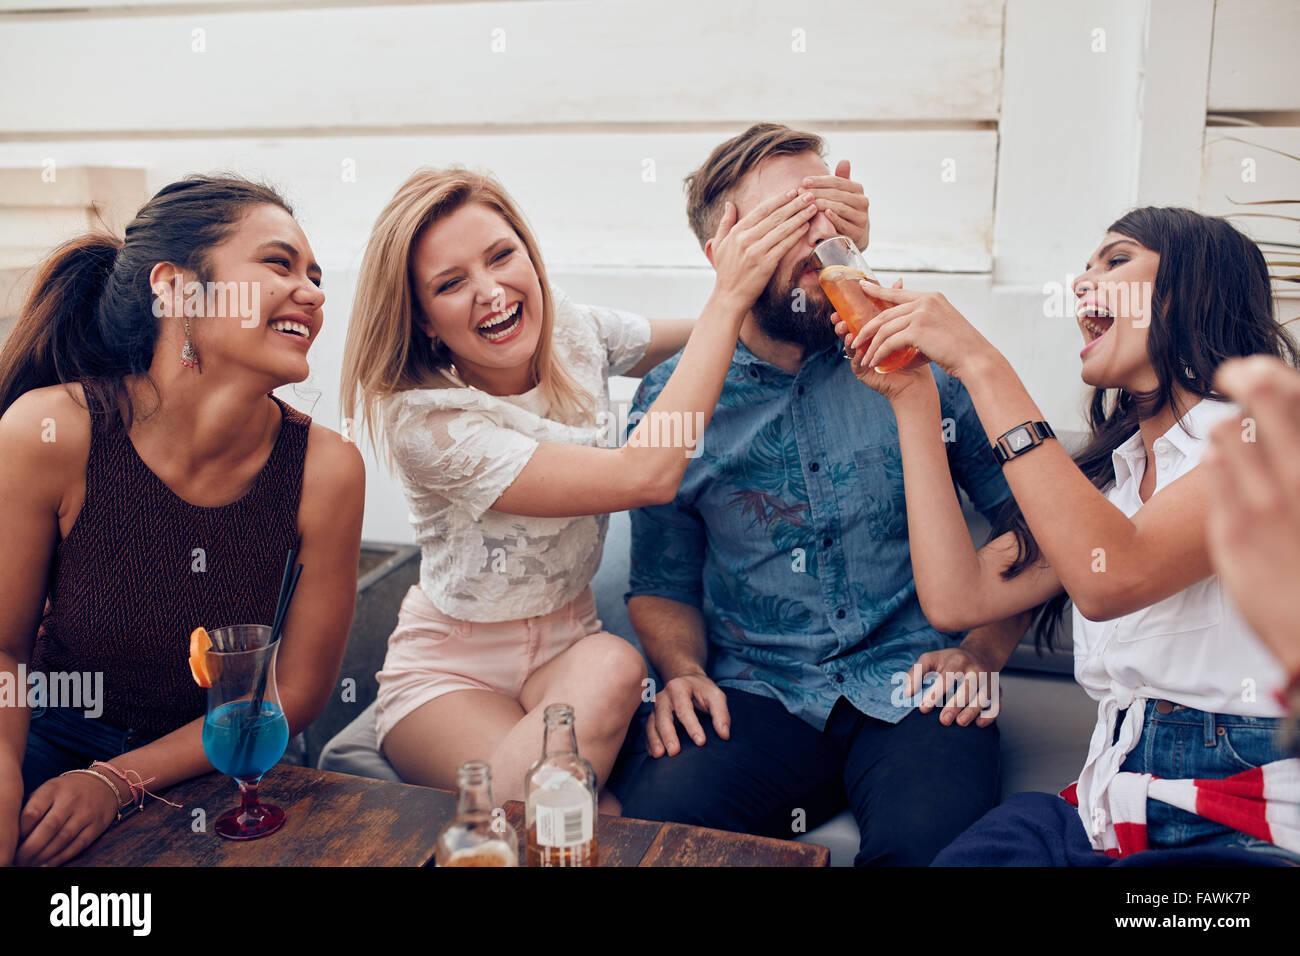 Jeunes amis assis jouissant ensemble partie. Femme fermeture yeux d'un homme avec un autre donner à boire. Photo Stock